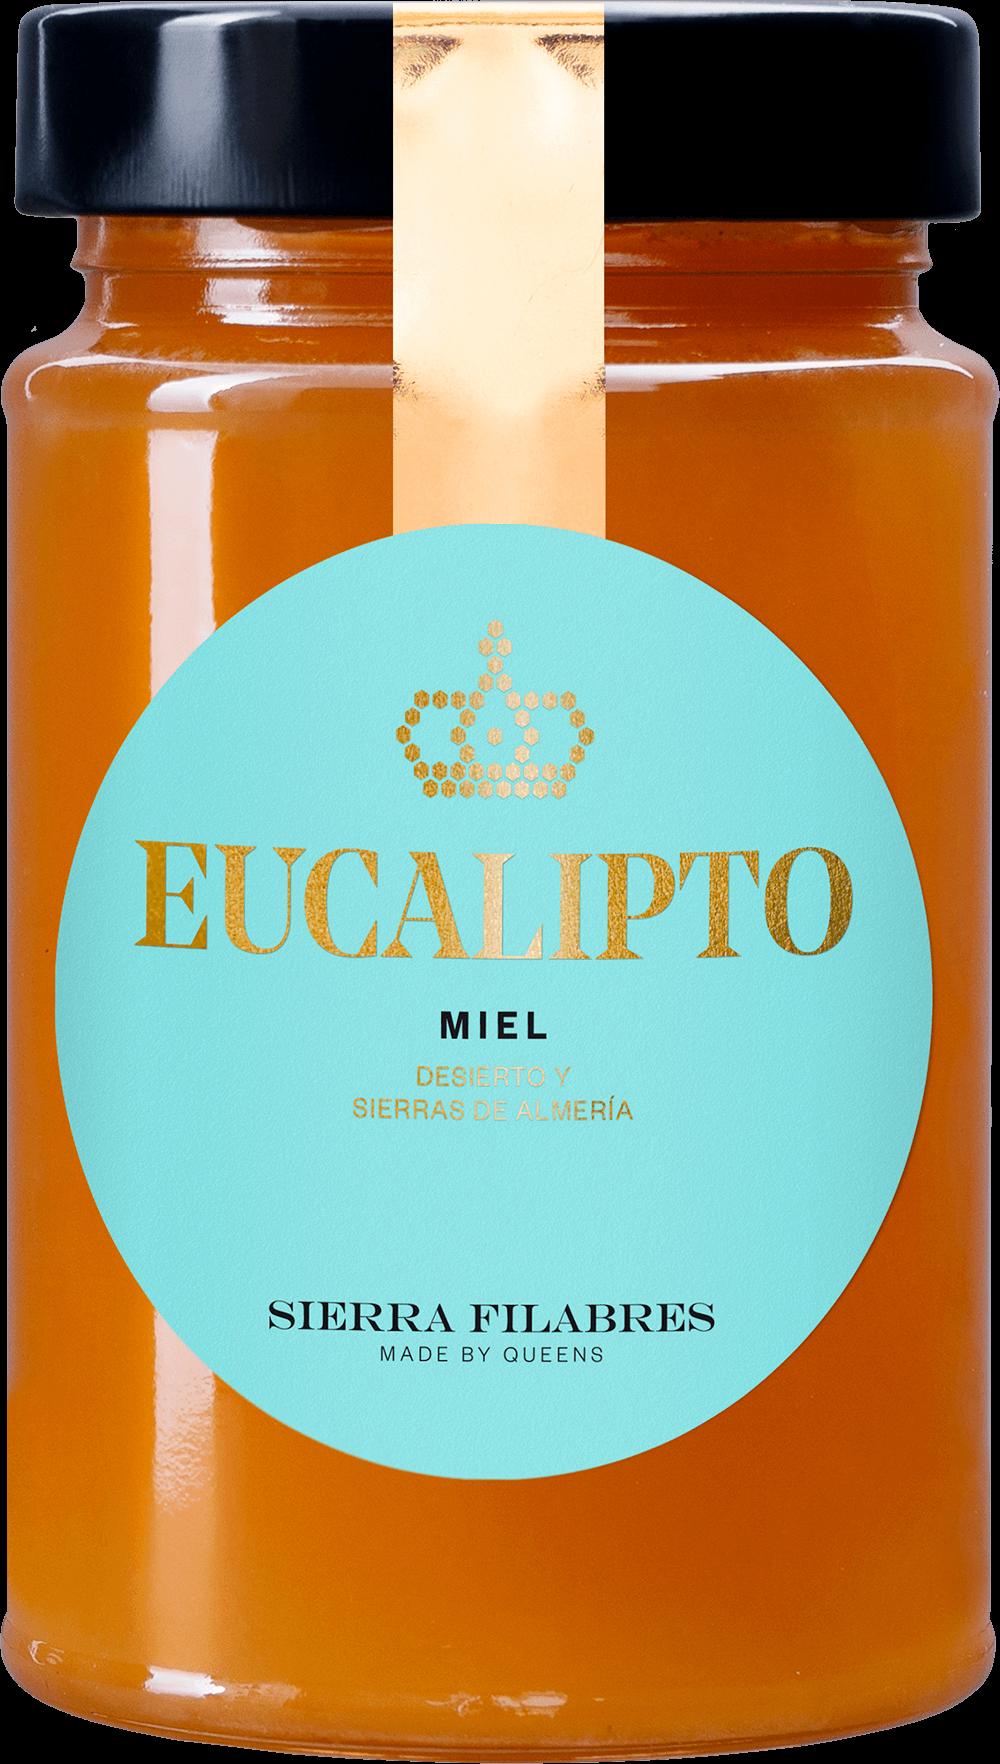 miel-clasica-eucalipto